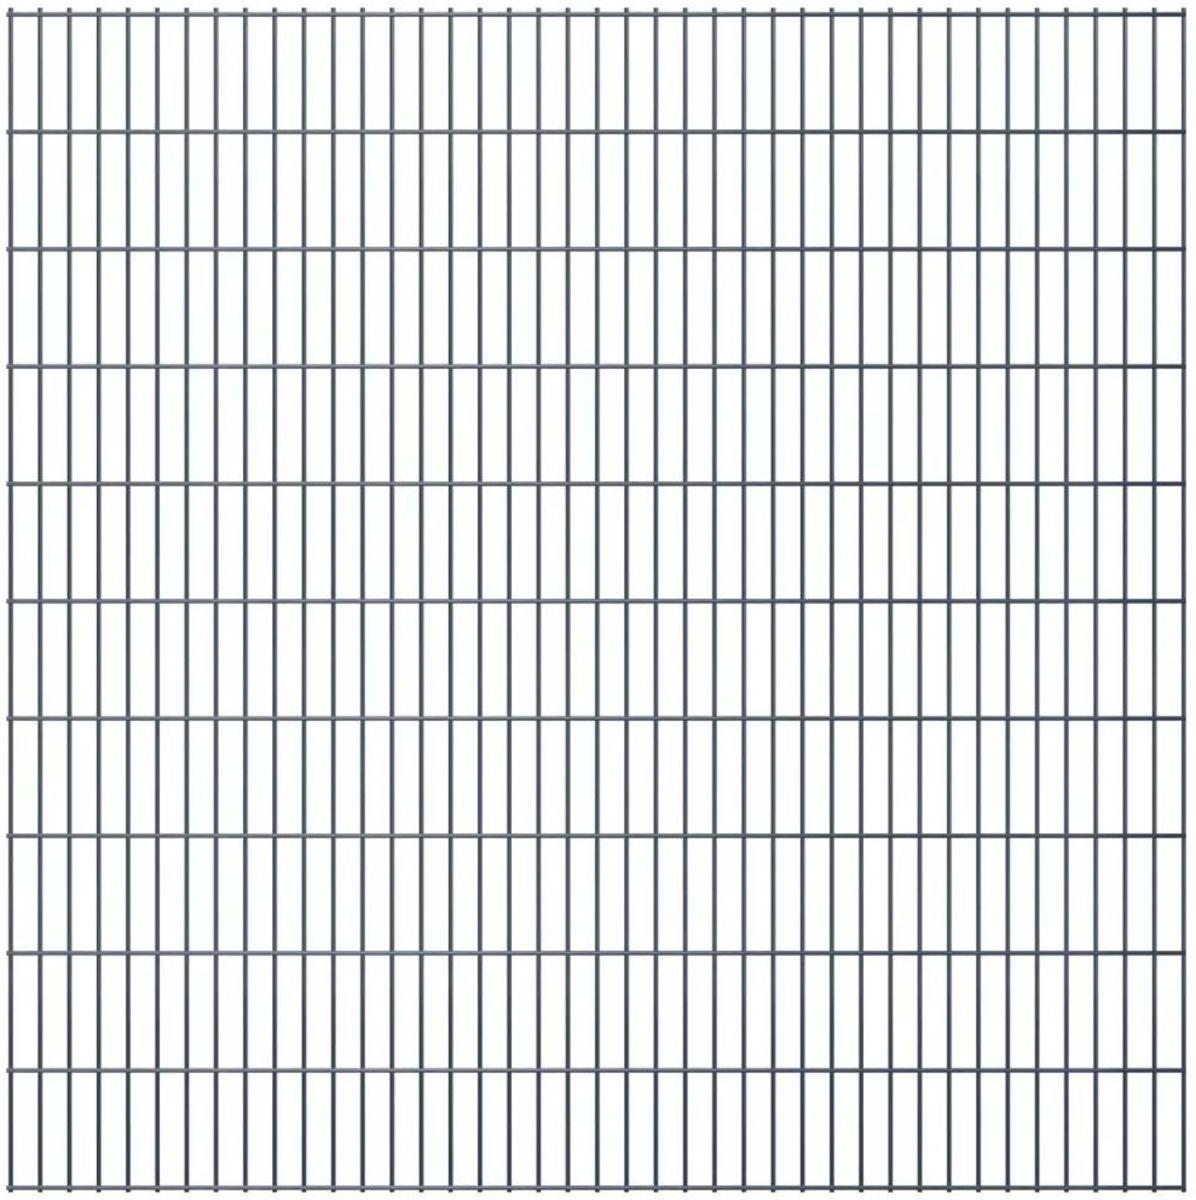 vidaXL Dubbelstaafmatten 2008 x 2030mm 50m Grijs 25 stuks kopen